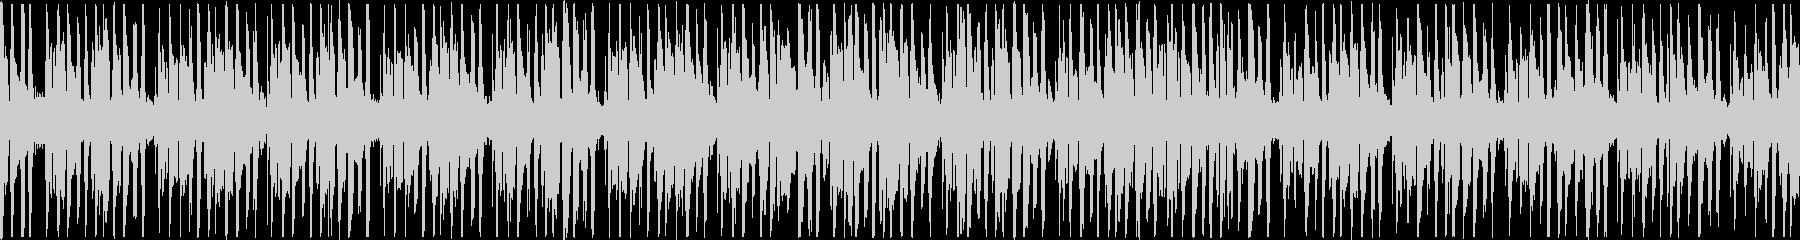 浮遊感のあるピアノエレクトロニカの未再生の波形